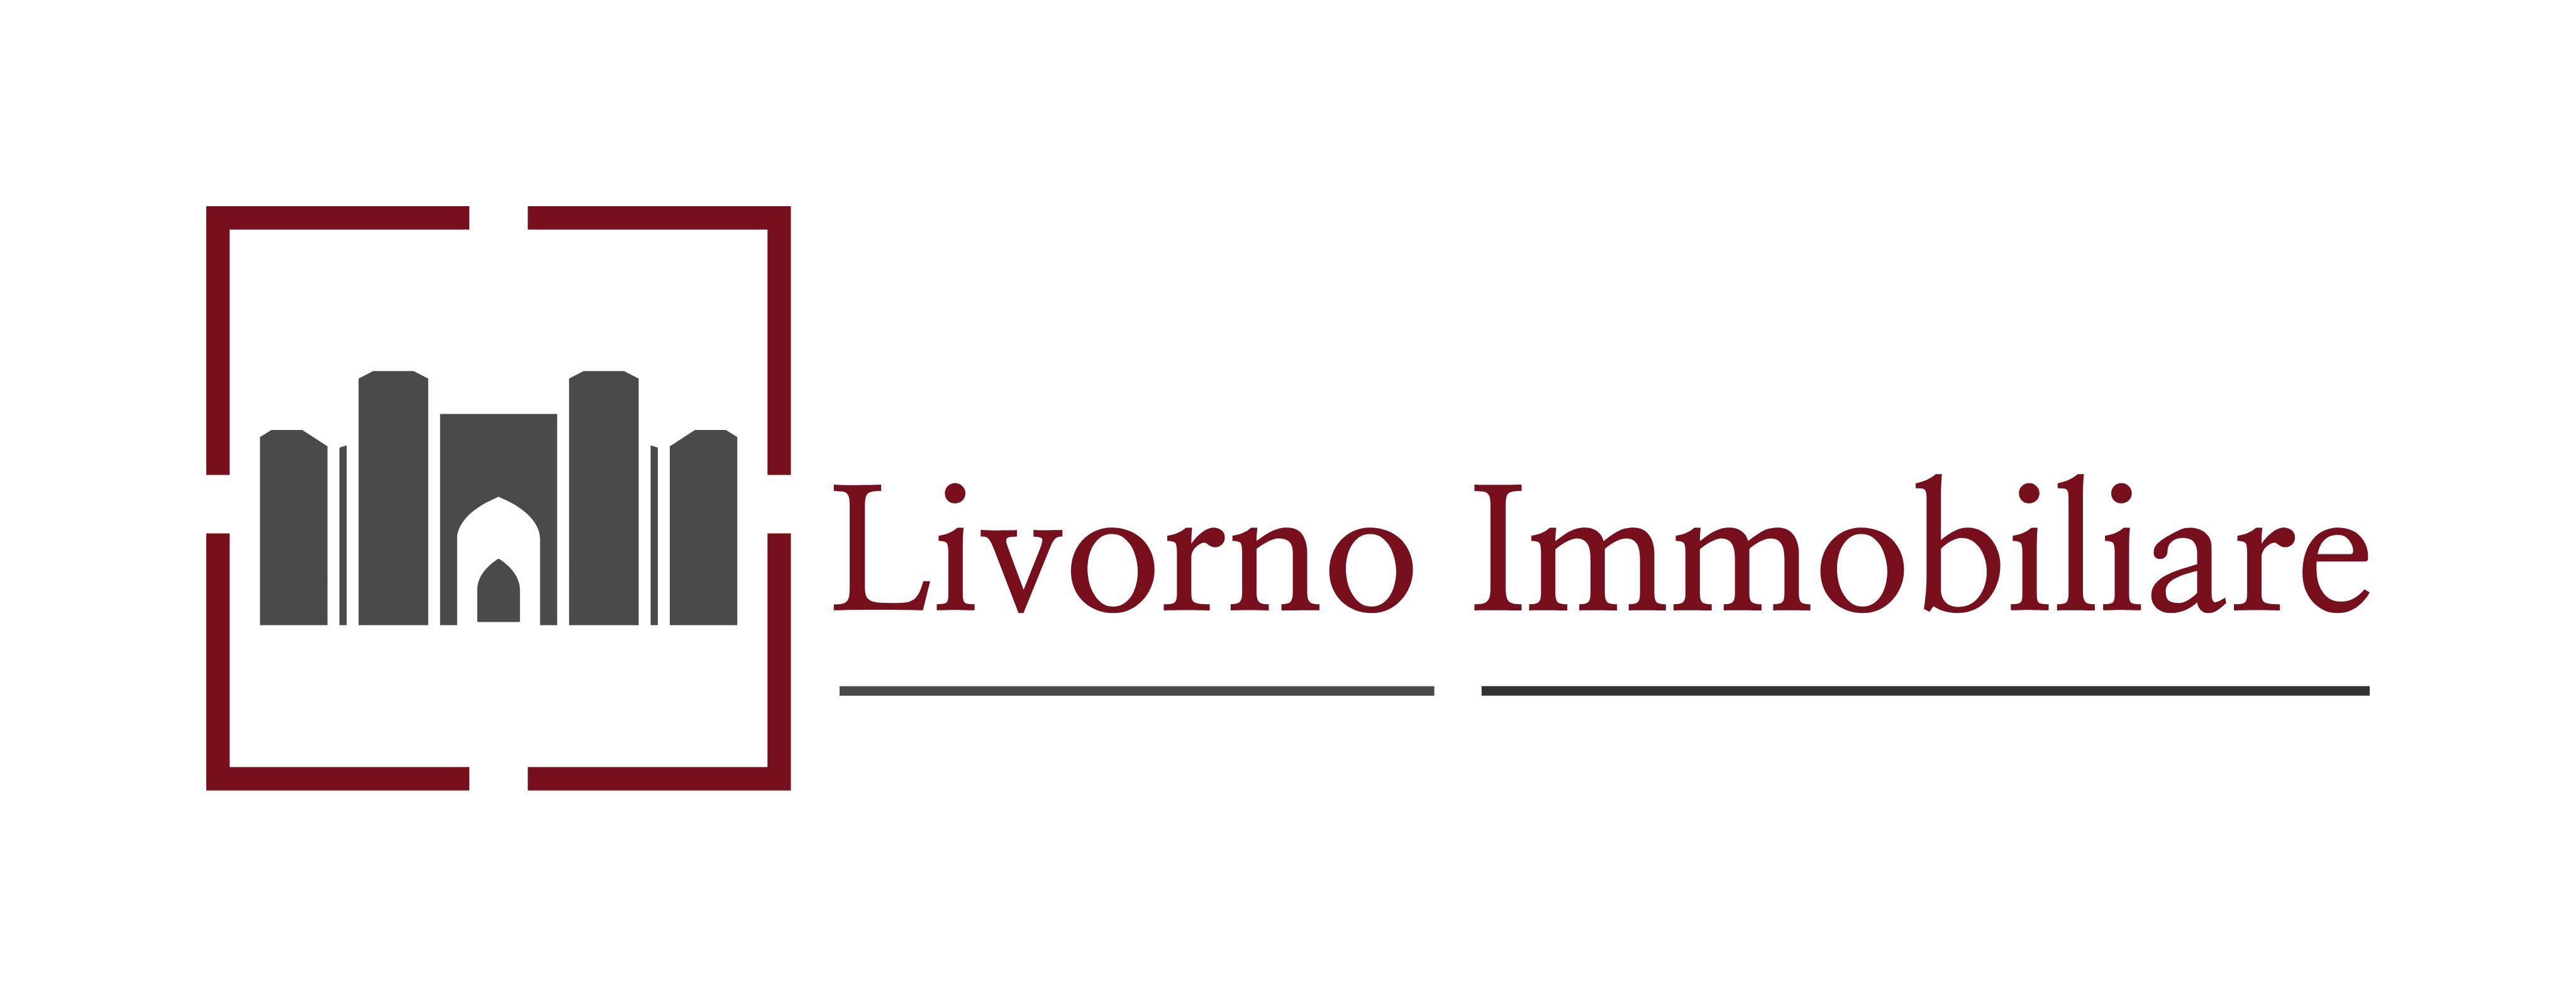 Livorno Immobiliare